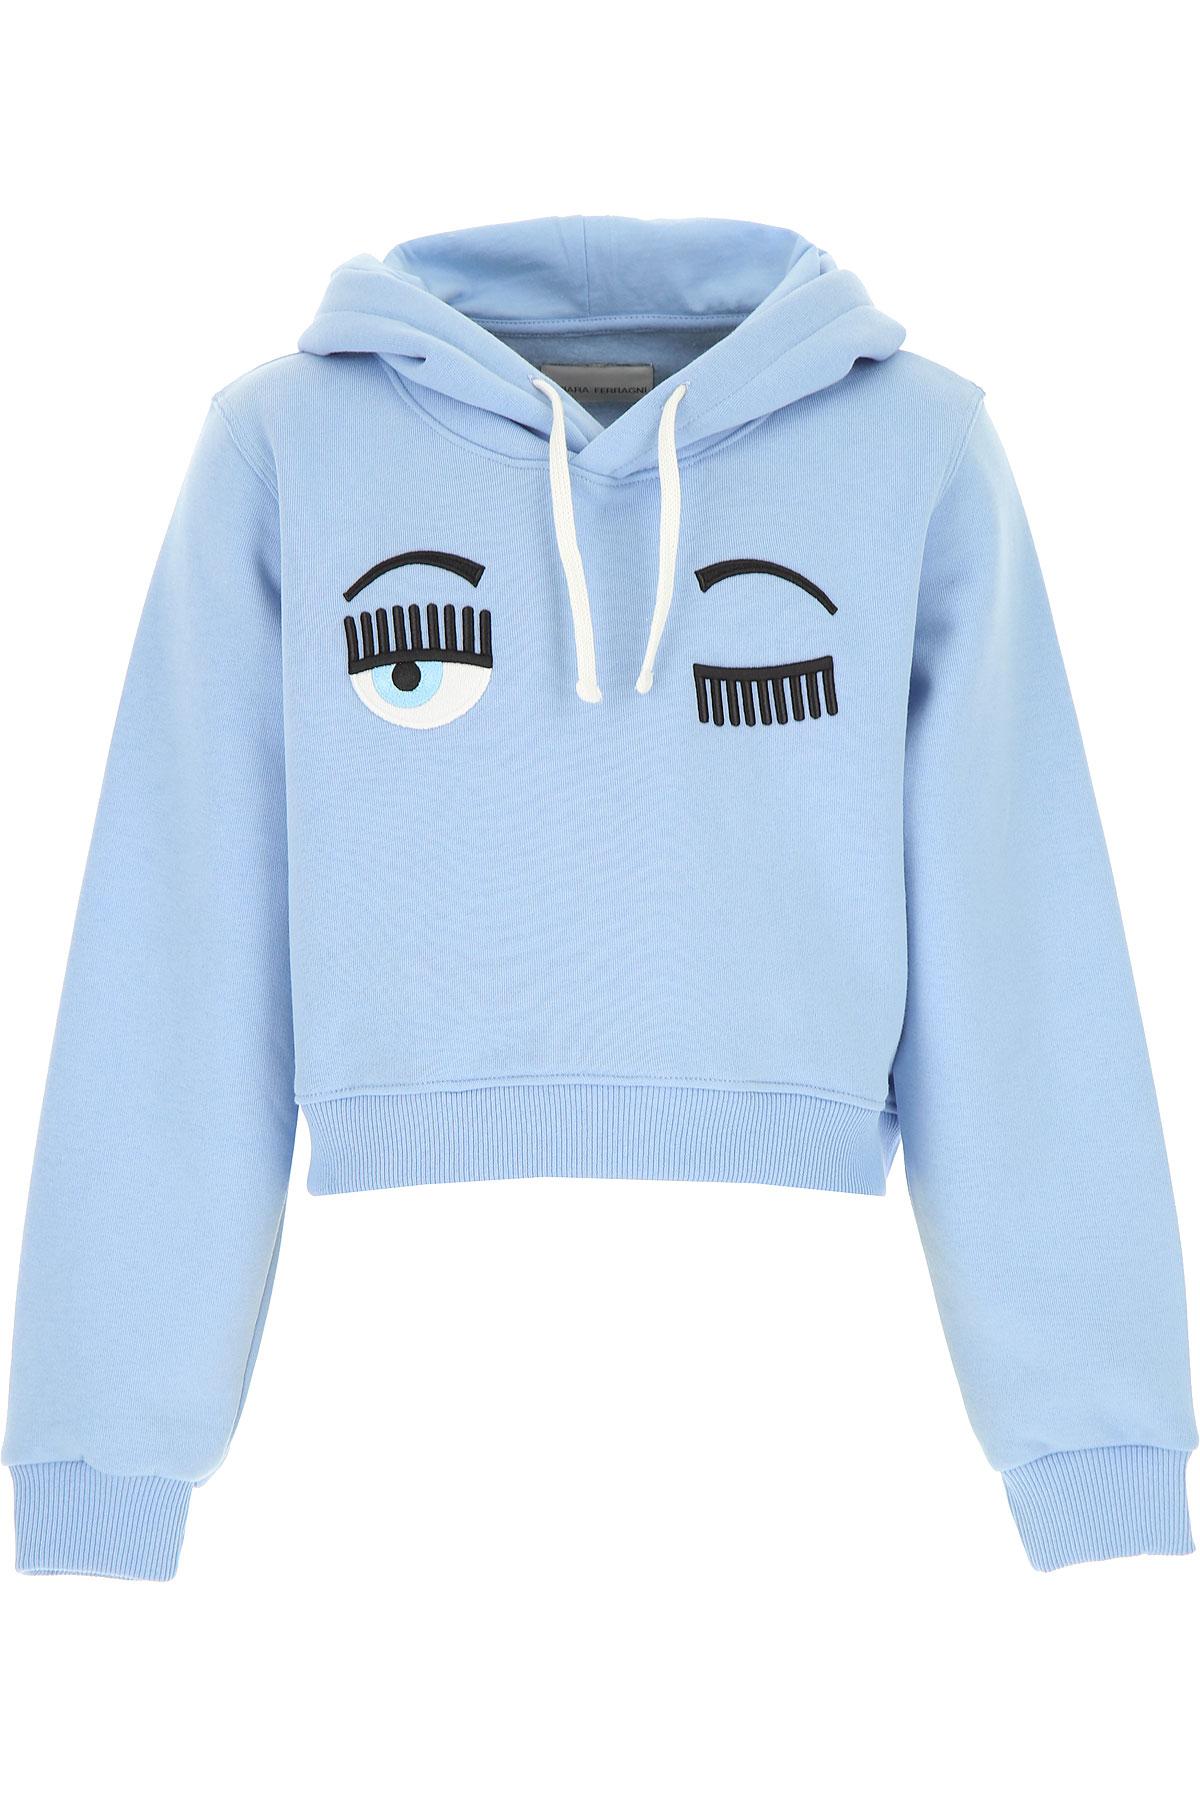 Chiara Ferragni Kids Sweatshirts & Hoodies for Girls On Sale, Skyblue, Cotton, 2019, 12Y 12Y 14Y 6Y 8Y 8Y